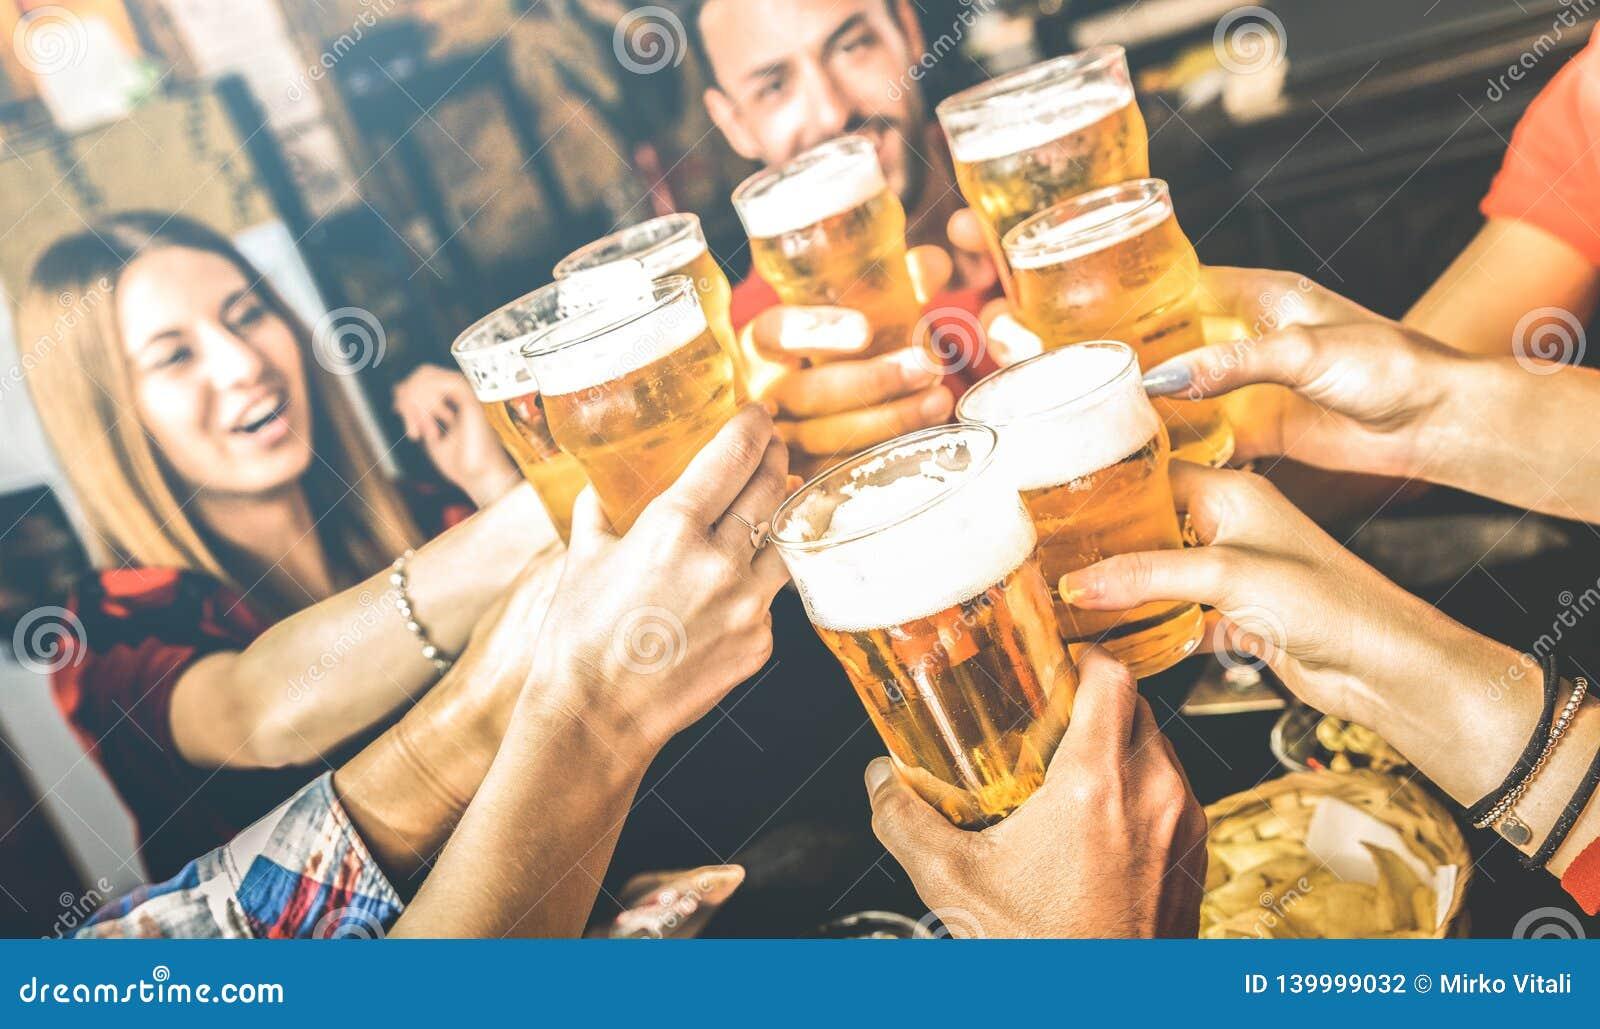 Przyjaciele pije piwo przy browaru baru restauracją na weekendzie - przyjaźni pojęcie z młodzi ludzie ma zabawę wpólnie